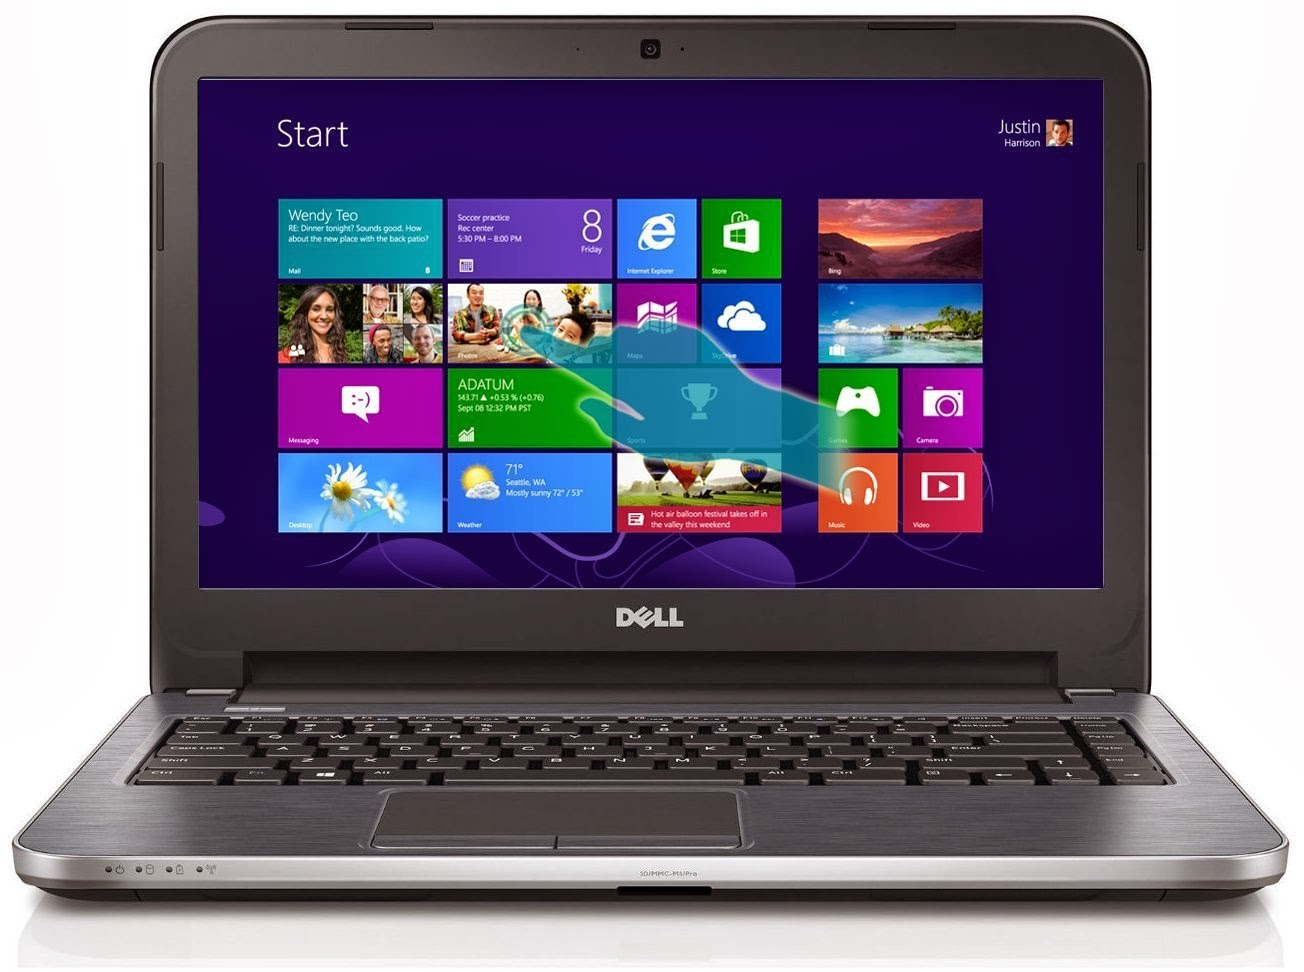 Dell Laptop Vouchers 2014: 2013